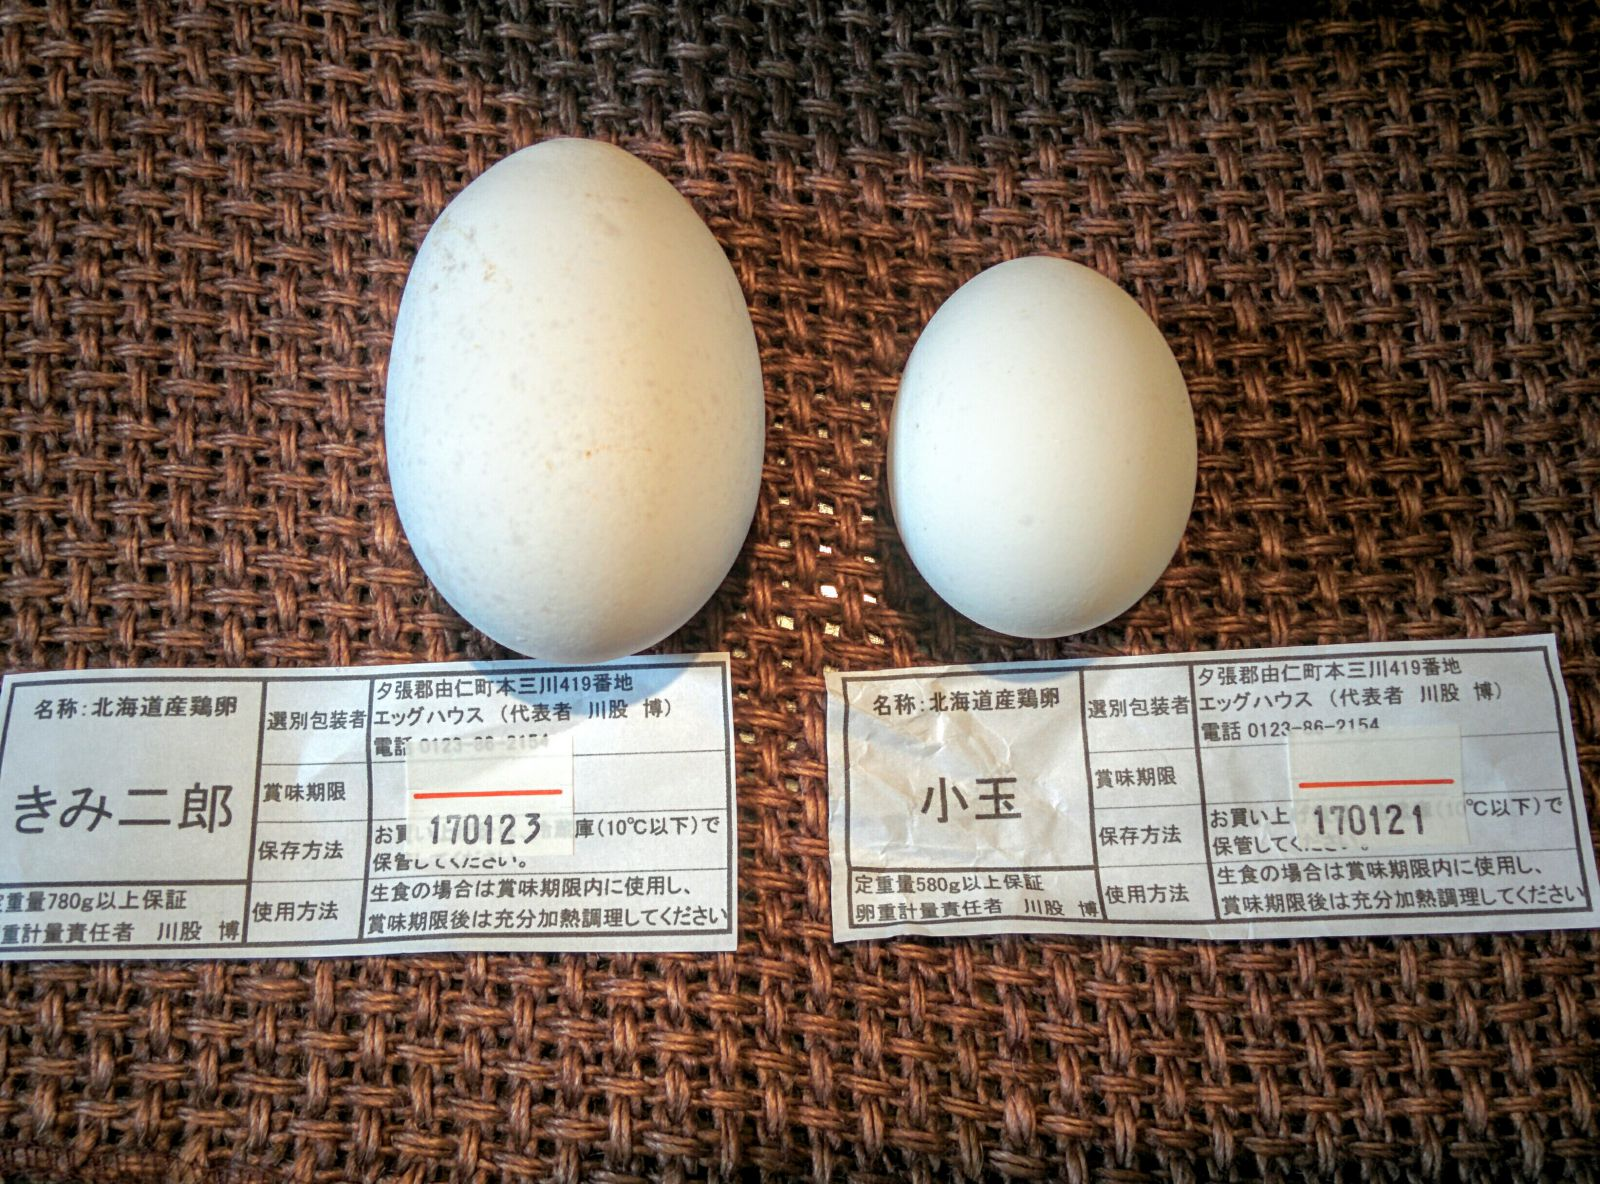 二卵性卵・きみ二郎と小玉卵です。